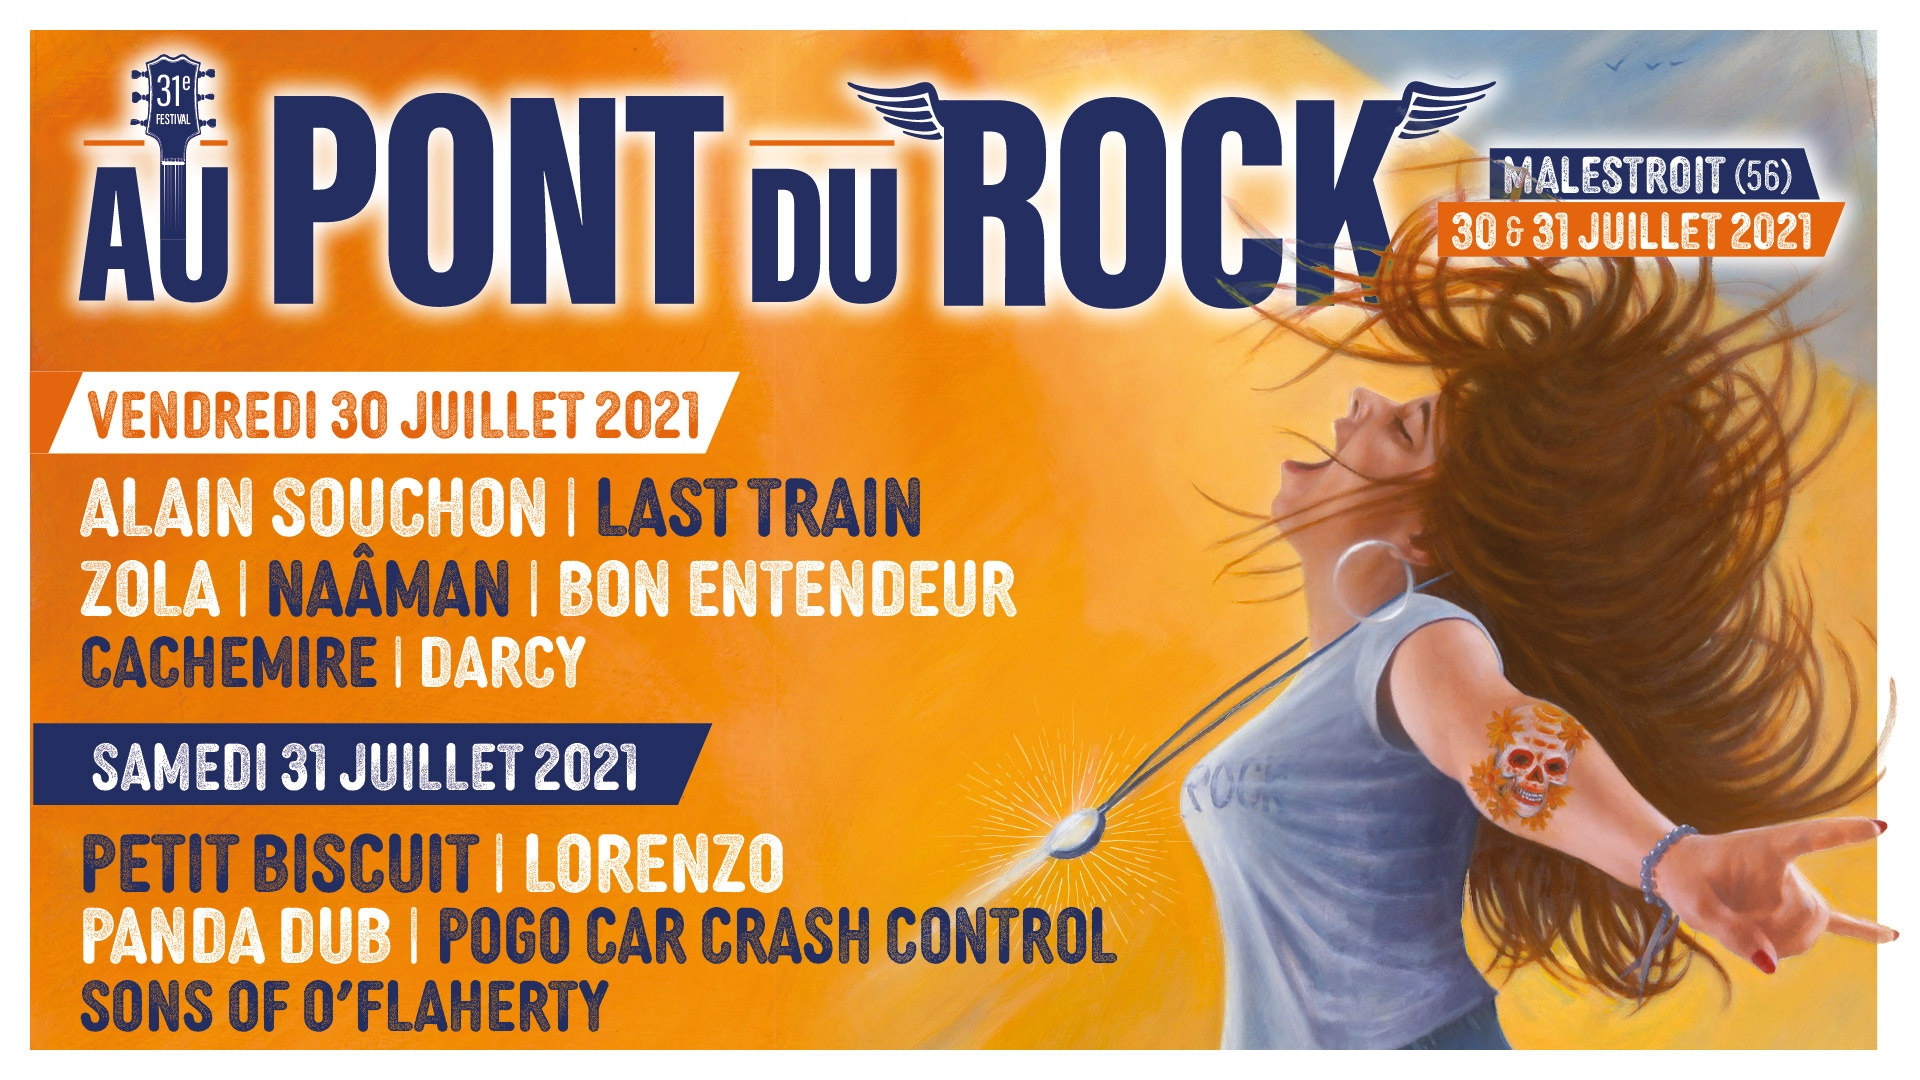 Festival Au Pont du Rock, 30 et 31 juillet 2021